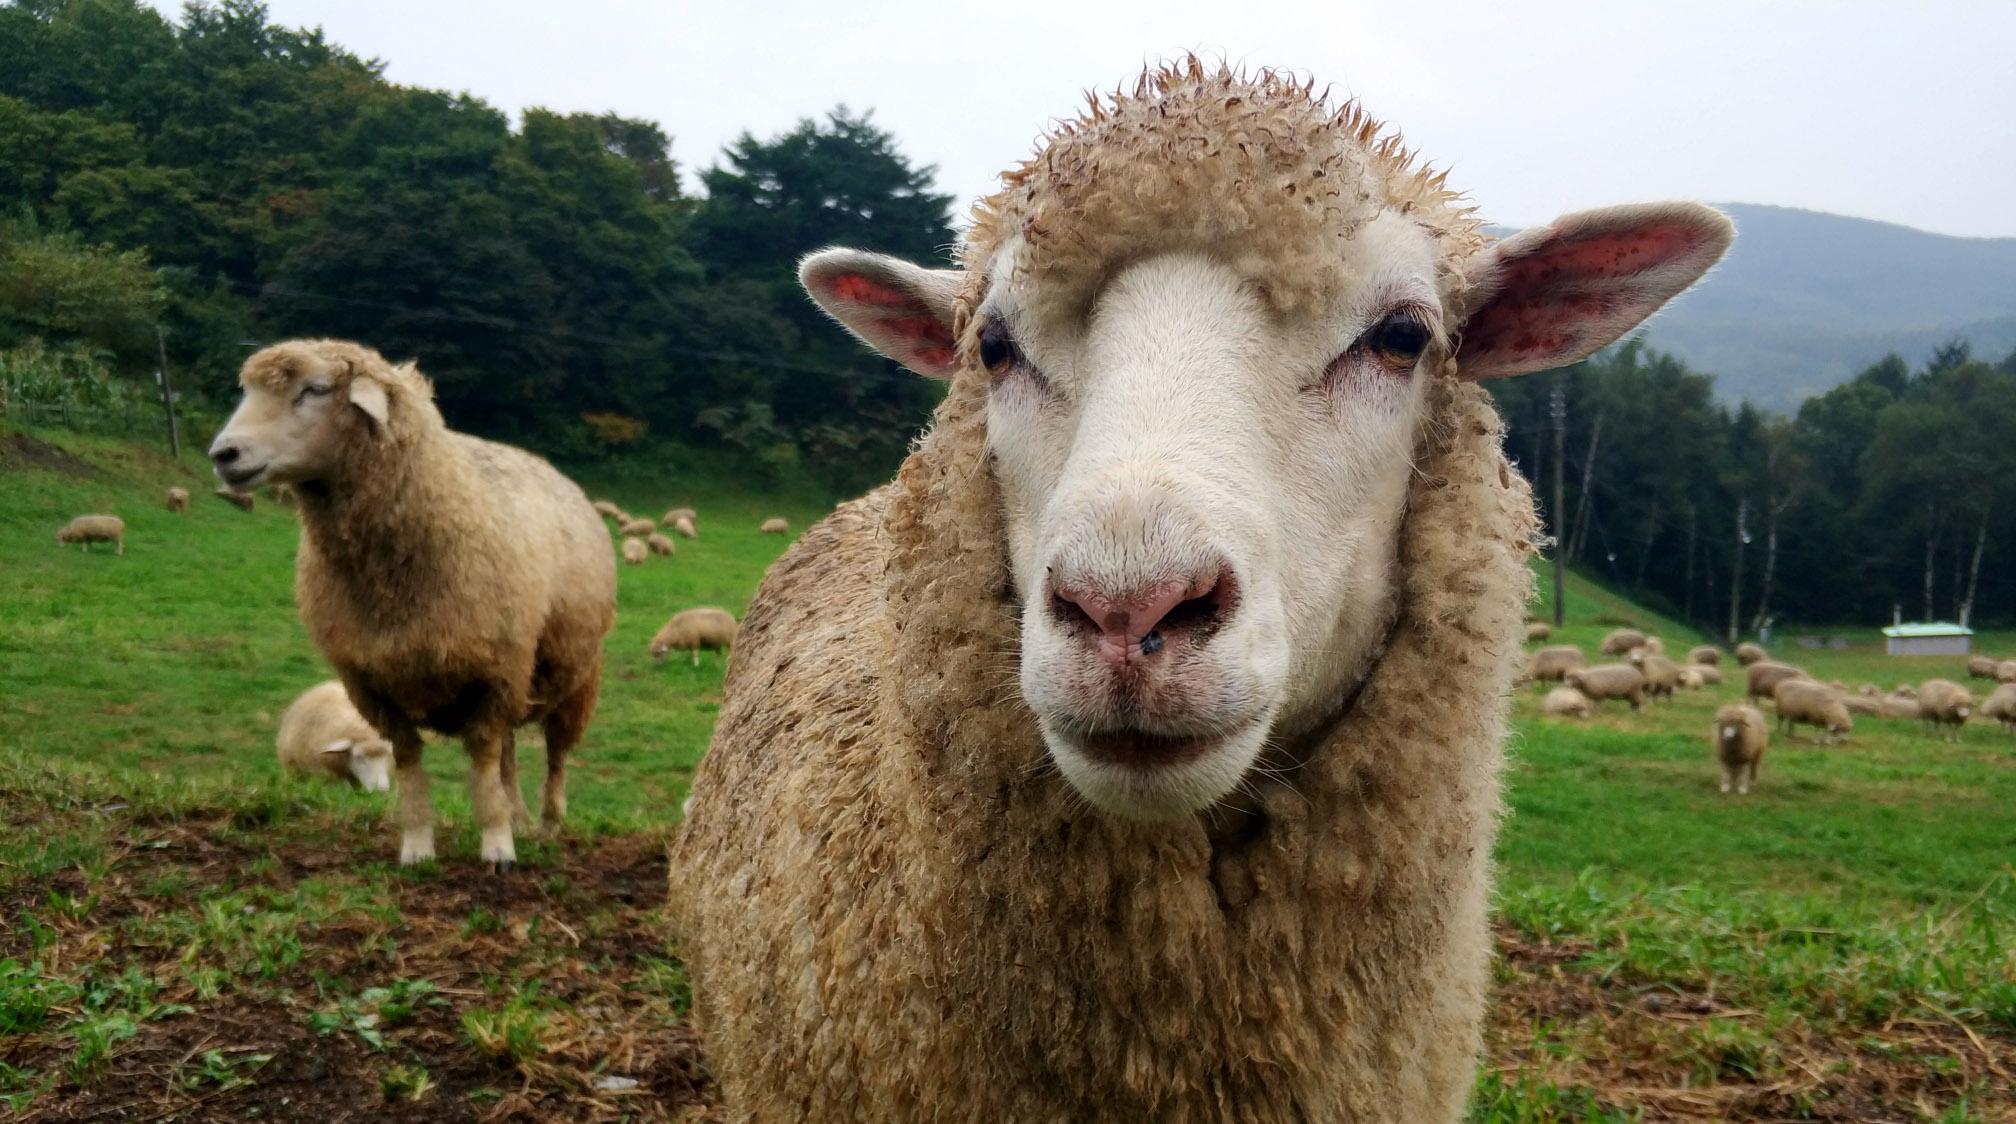 Конкурс на самую красивую овцу пройдет в Буйнакском районе